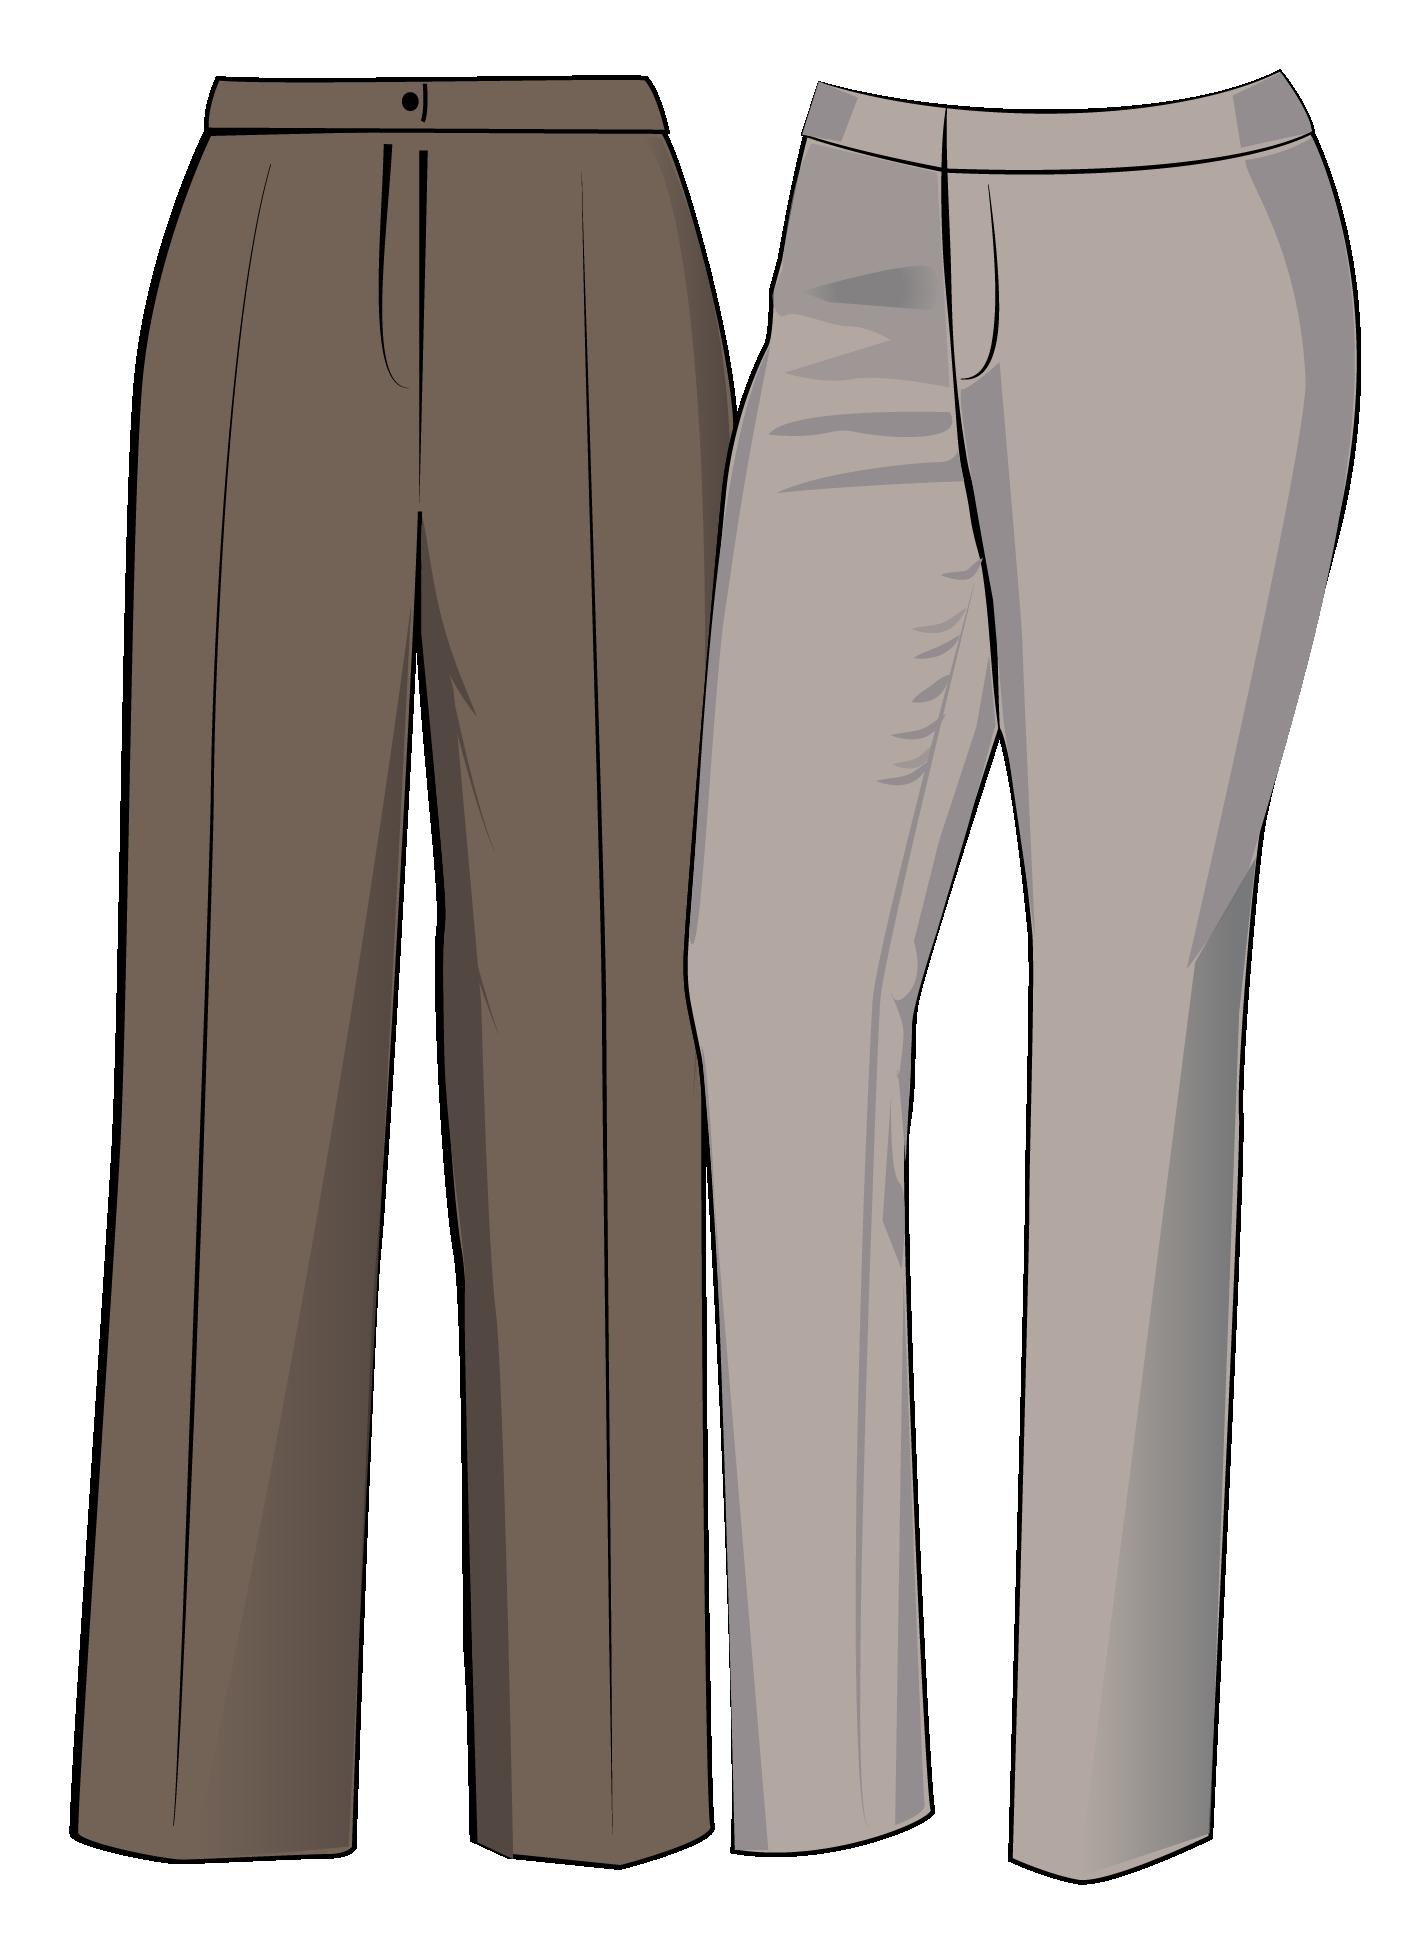 Простые выкройки женских брюк на лето | шьём | Постила | 1937x1425